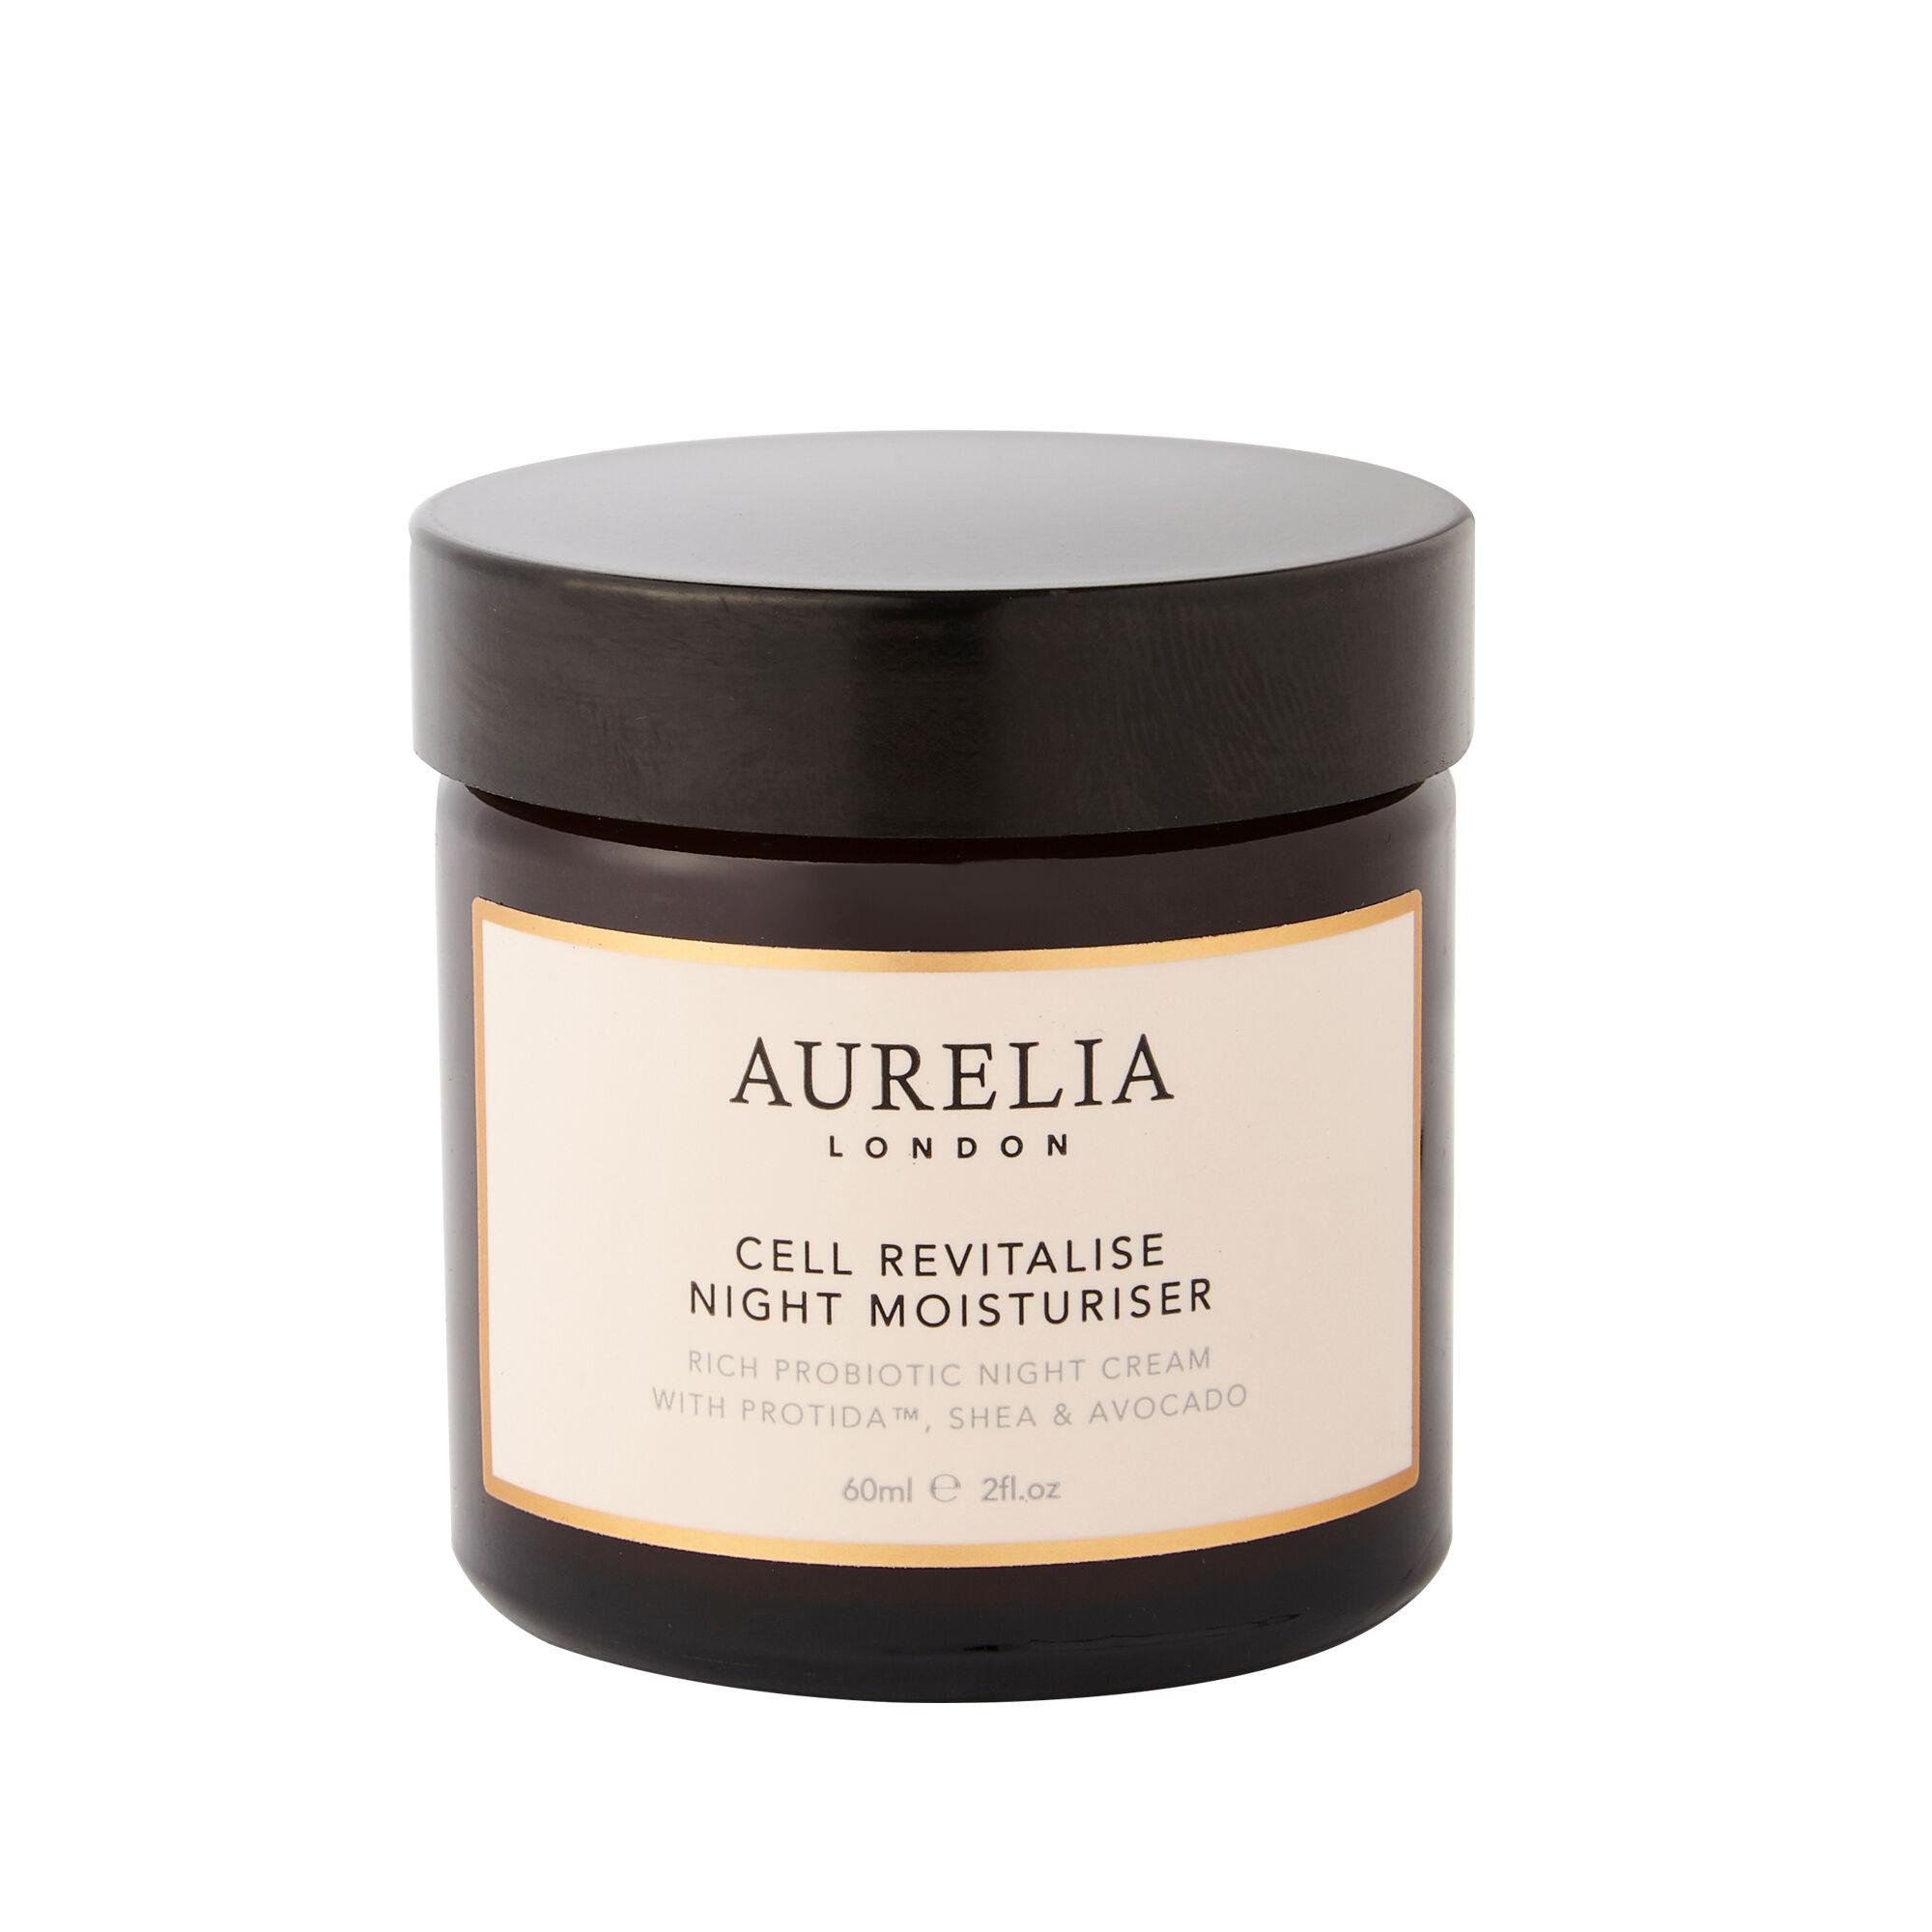 Aurelia Probiotic Skincare Cell Revitalise Night Moisturiser Cell Revitalise Night Moisturiser 60ml